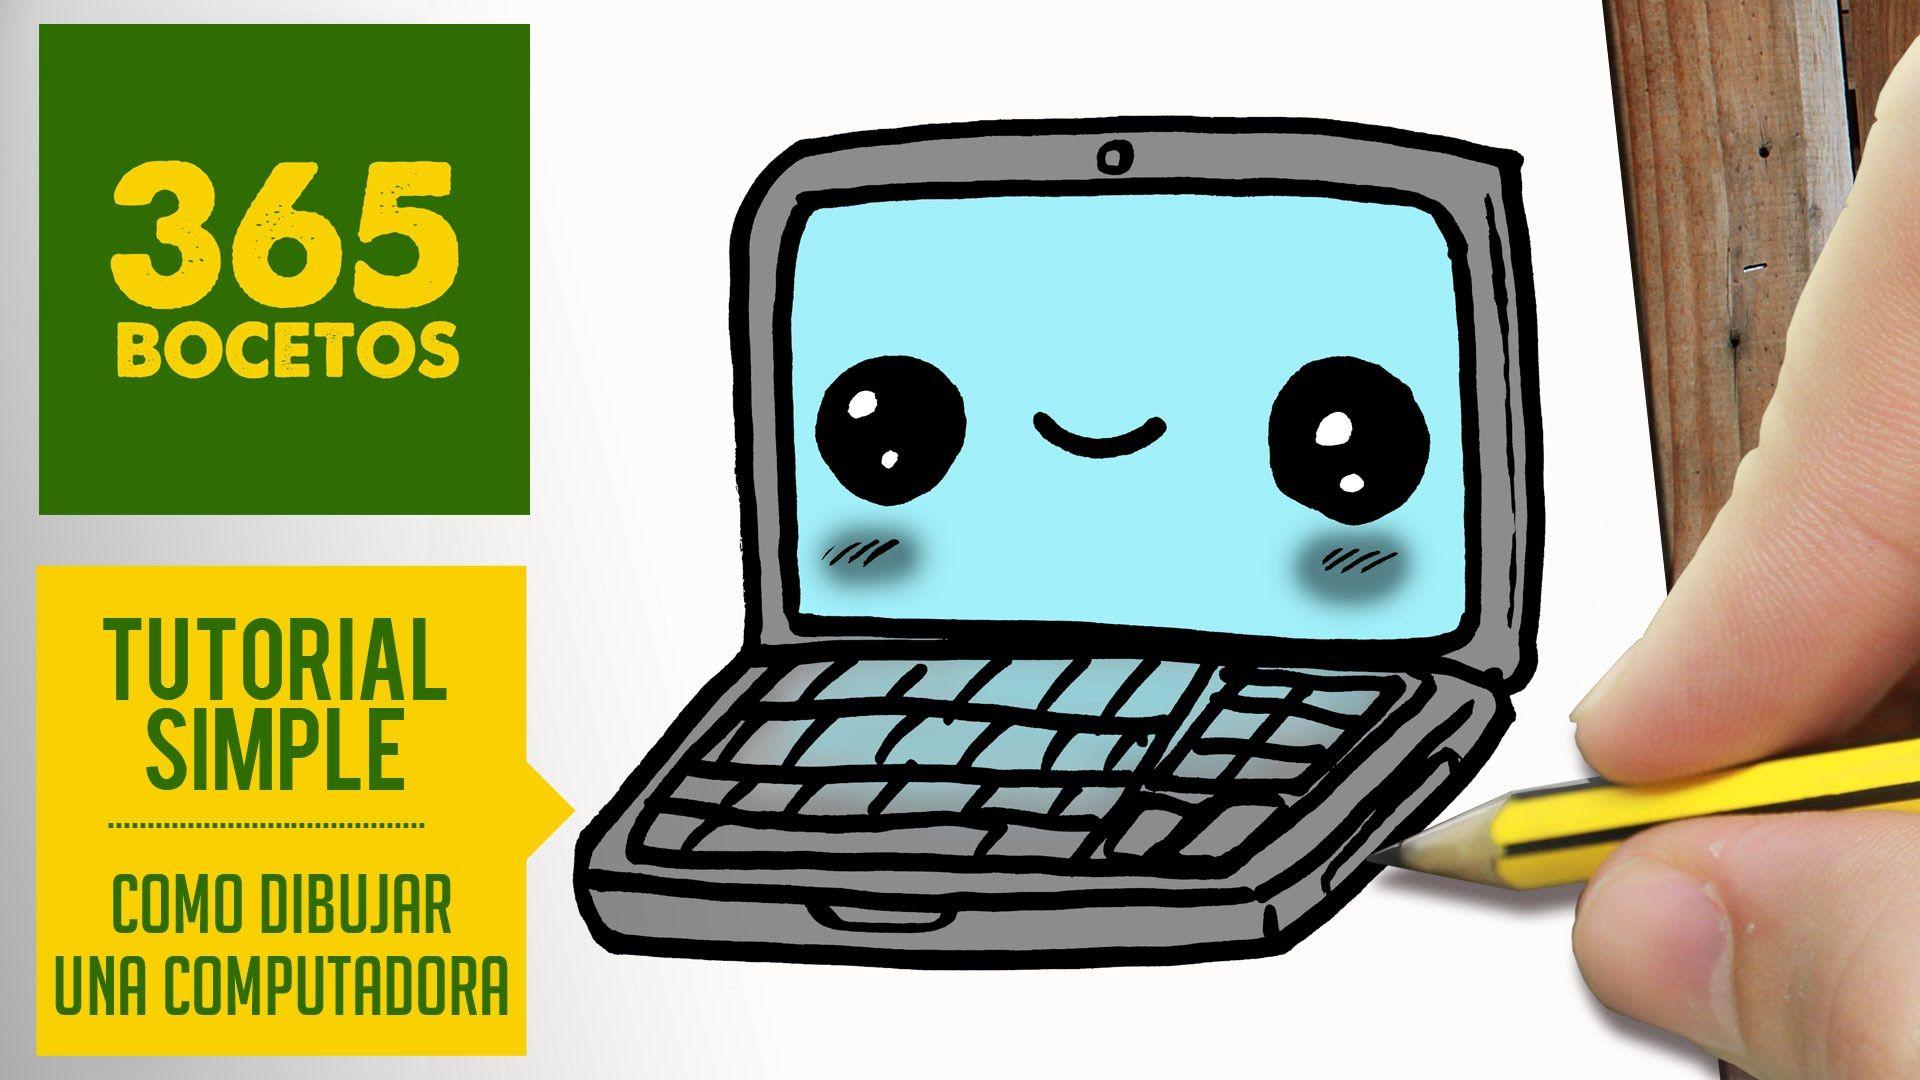 Como Dibujar Una Computadora Kawaii Paso A Paso Dibujos Kawaii Faciles How To Draw A Laptop Dibujos Kawaii Dibujos Kawaii Faciles Dibujos Kawaii 365